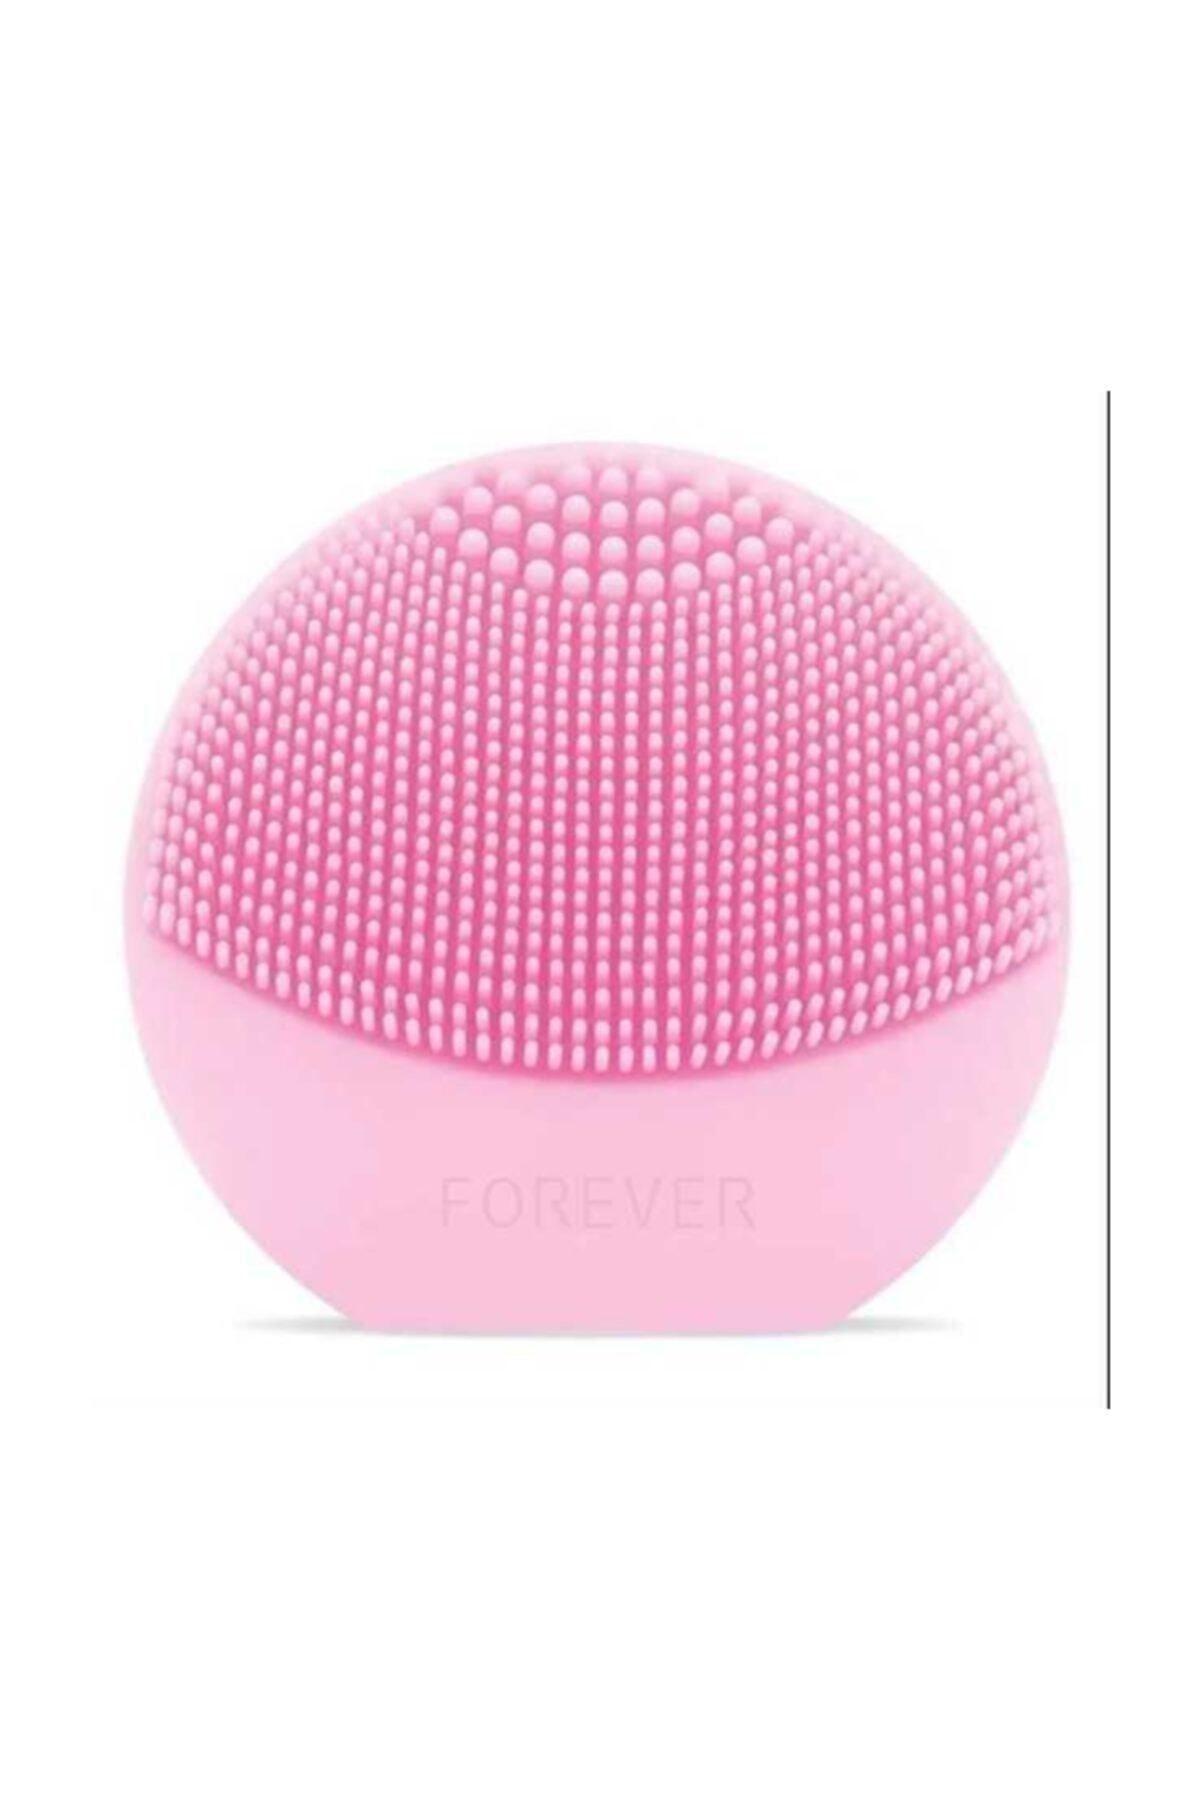 Forever Lına Mini 2 Pearlpink Cilt Temizleme Cihazı 1